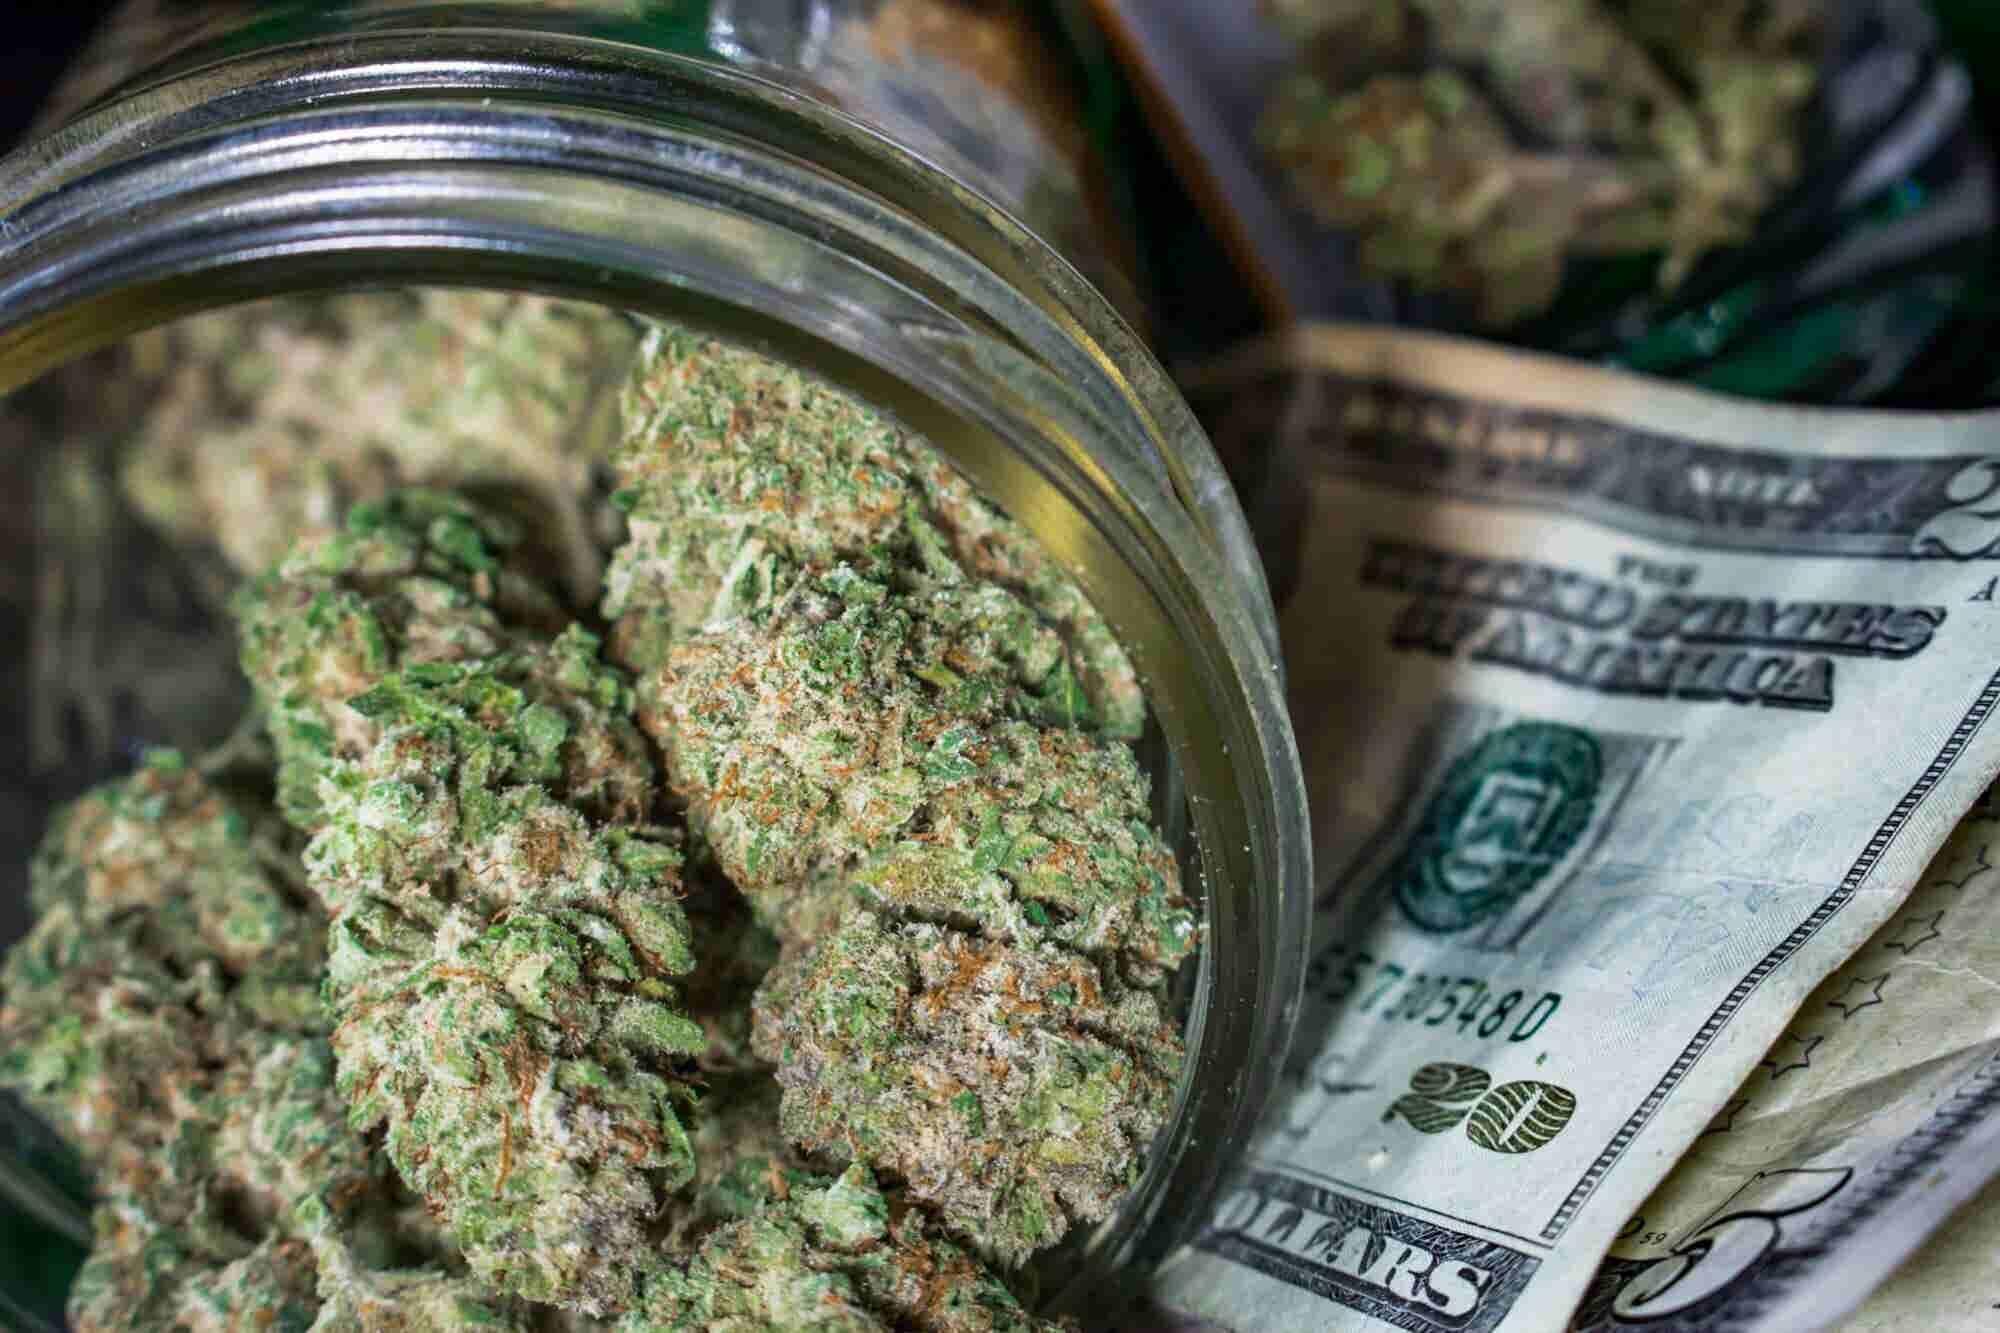 As Michigan Awaits Millions in Marijuana Tax Revenue, Massachusetts Still Waits